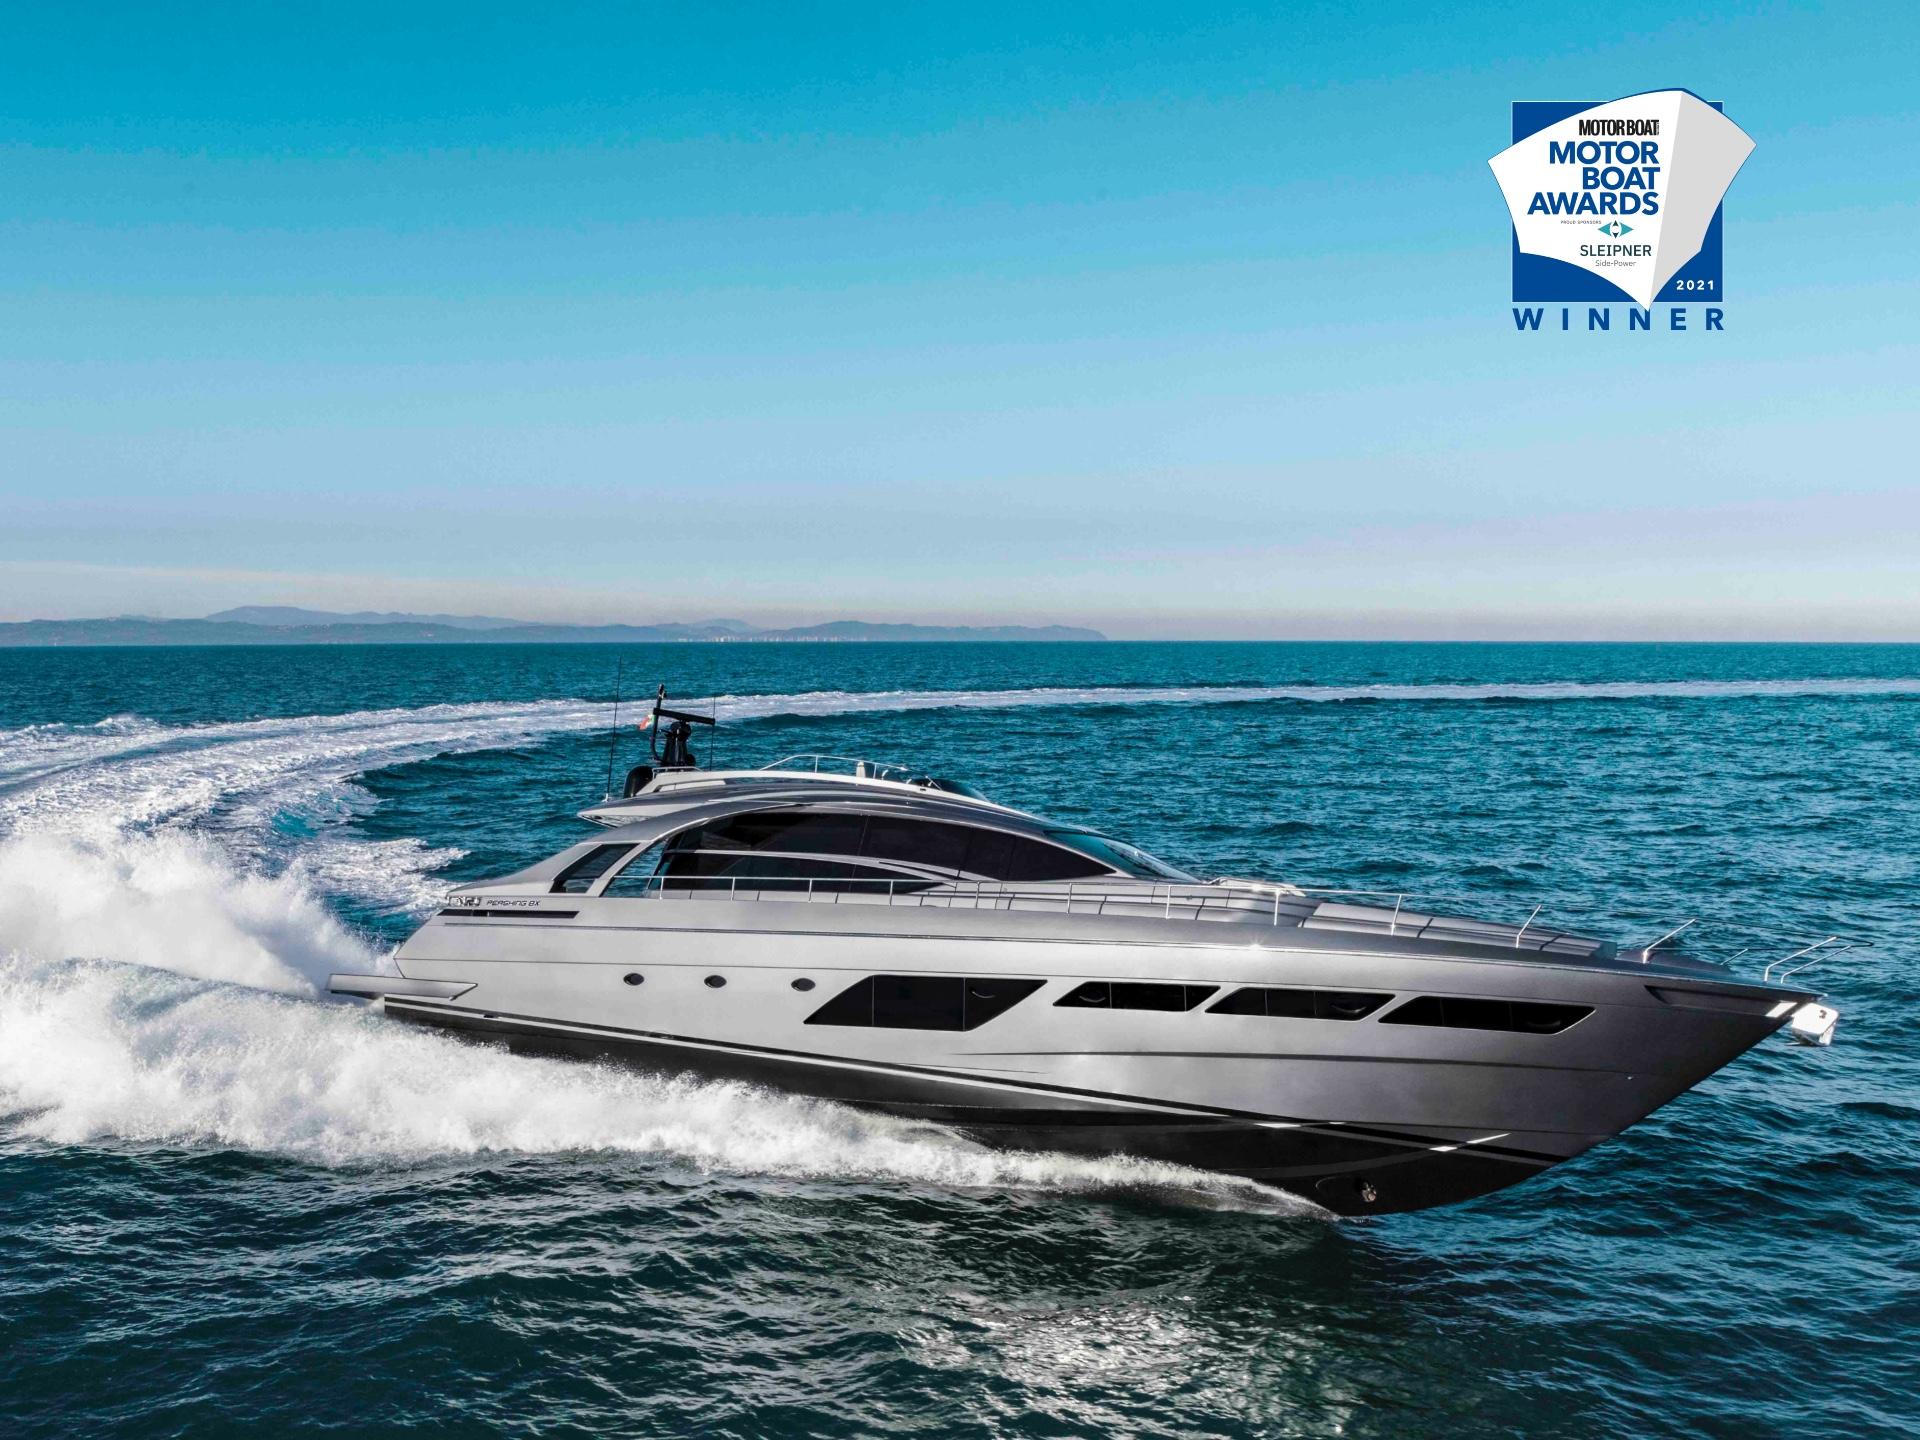 Pershing gana la categoría de yates personalizados de los premios Motor Boat Awards 2021